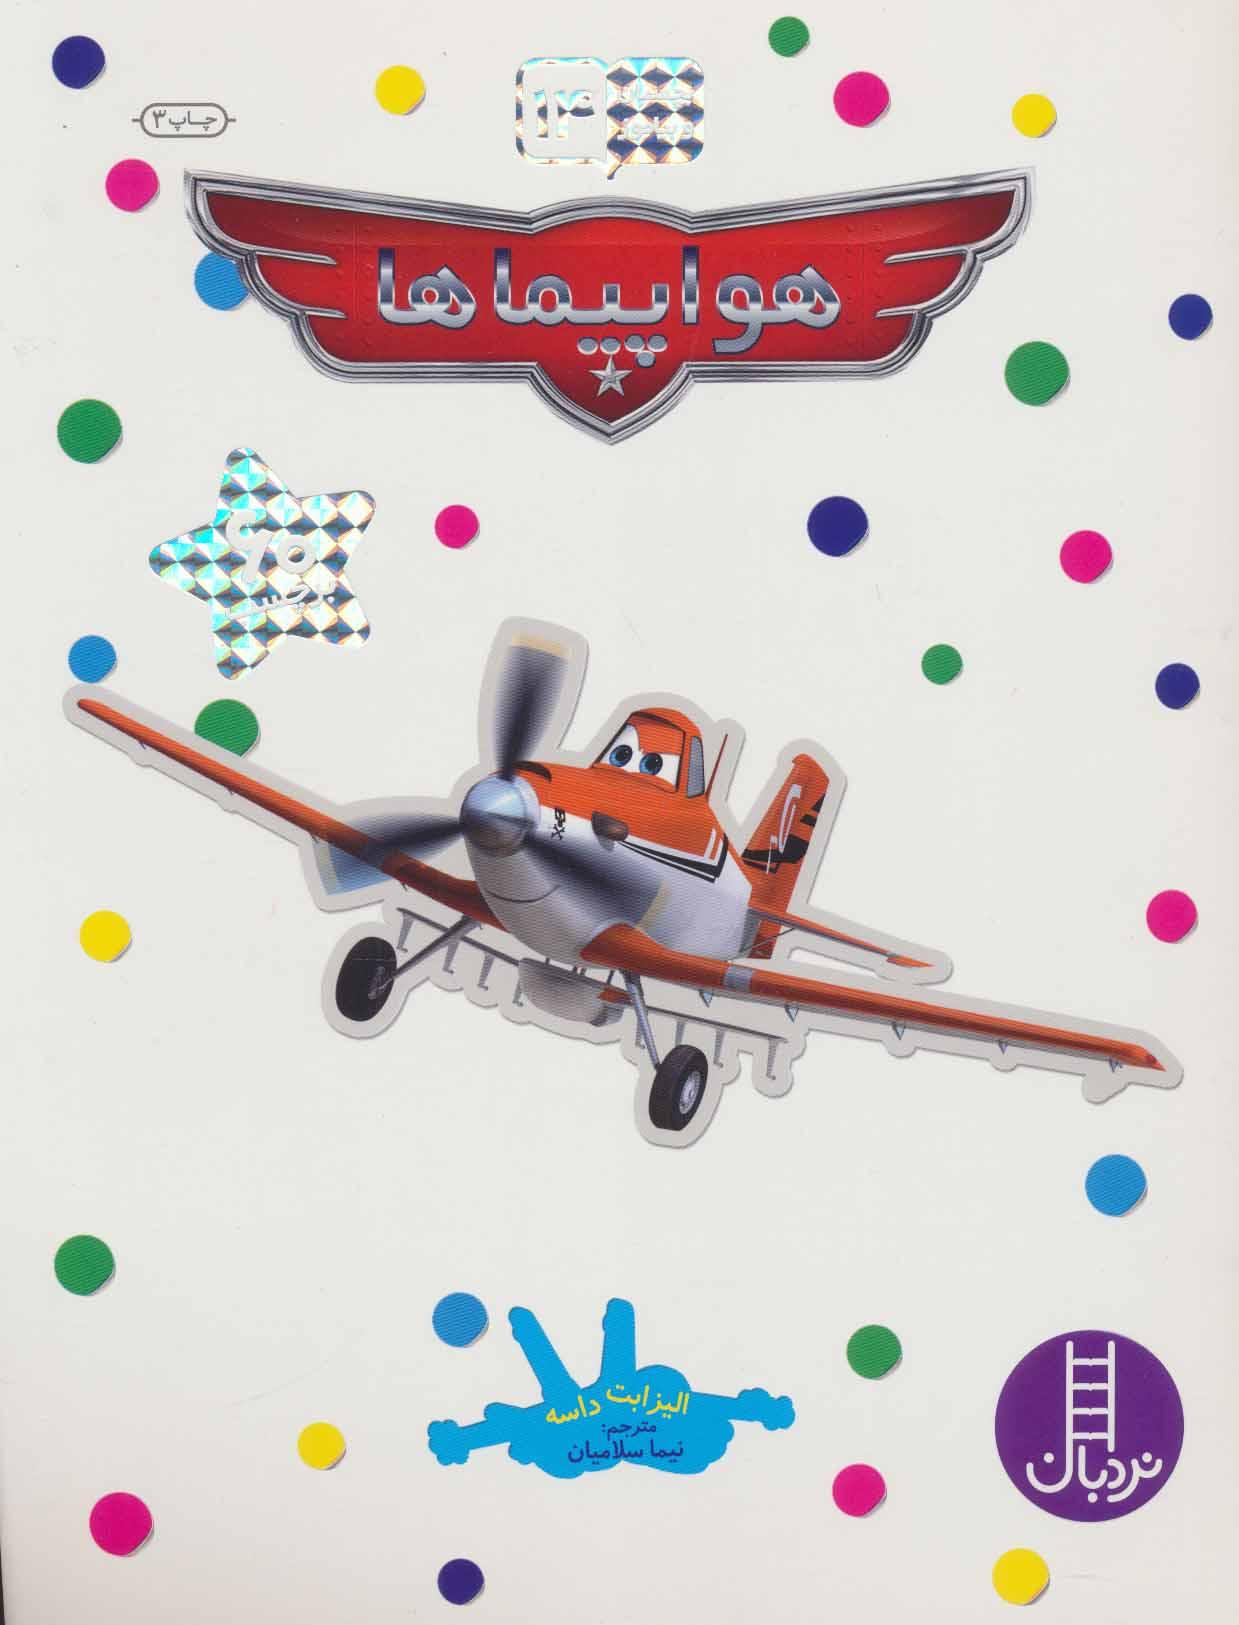 هواپیماها (بچسبان و بیاموز14)،(گلاسه)